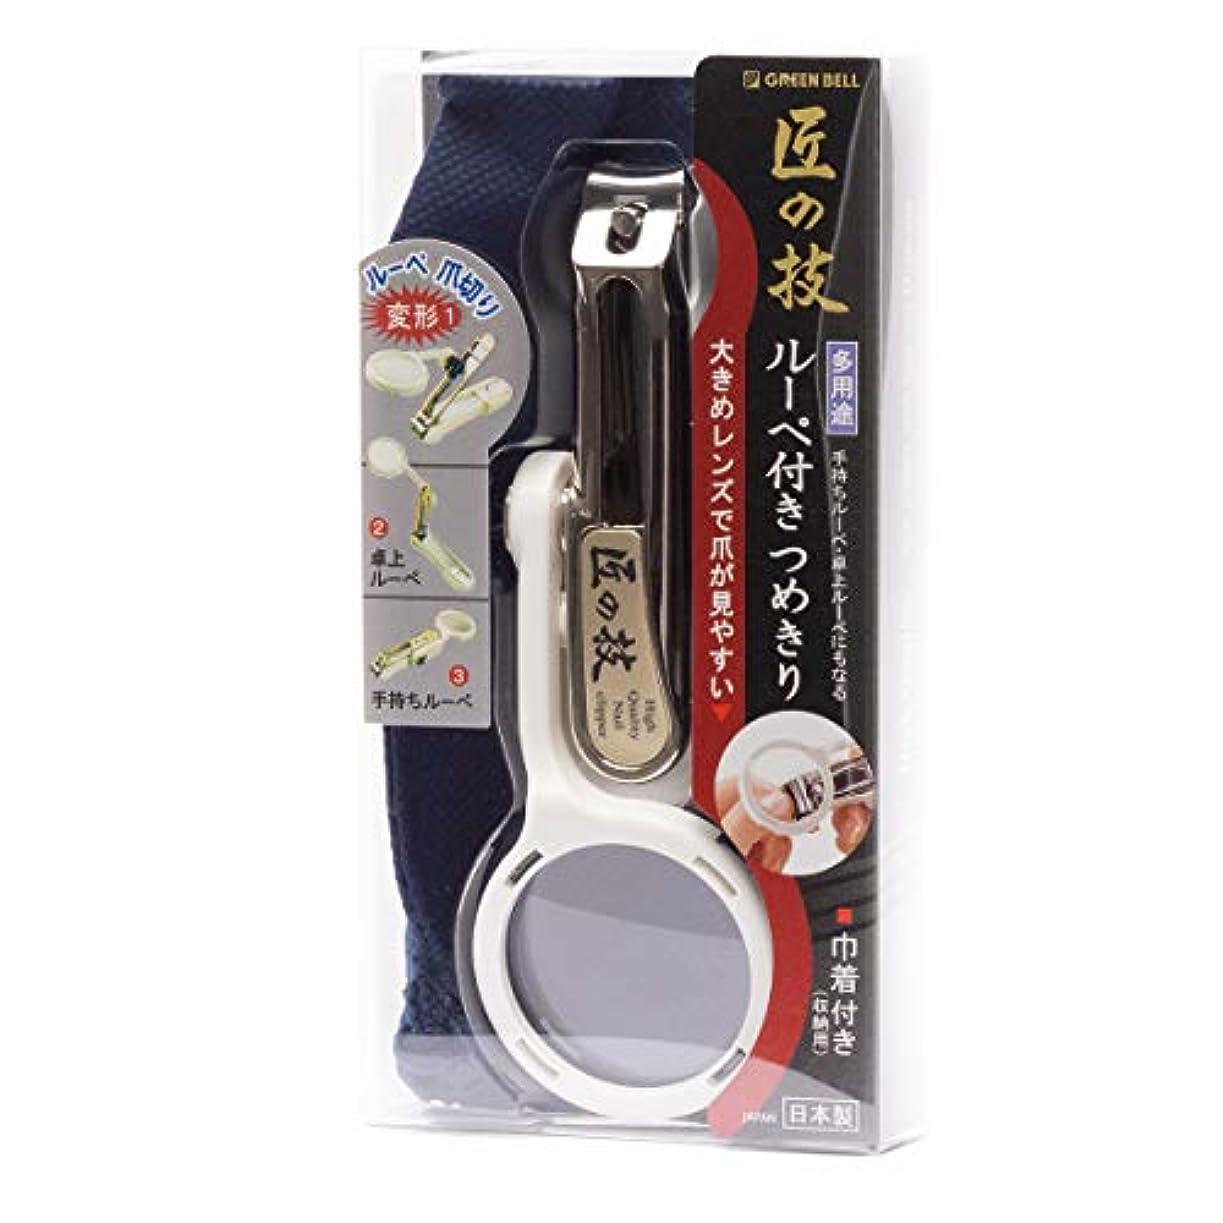 サークル健康黒くするMIDI-ミディ 匠の技 ルーペ付き つめきり 白 メガネ拭き セット (p-880122,p-k0055)